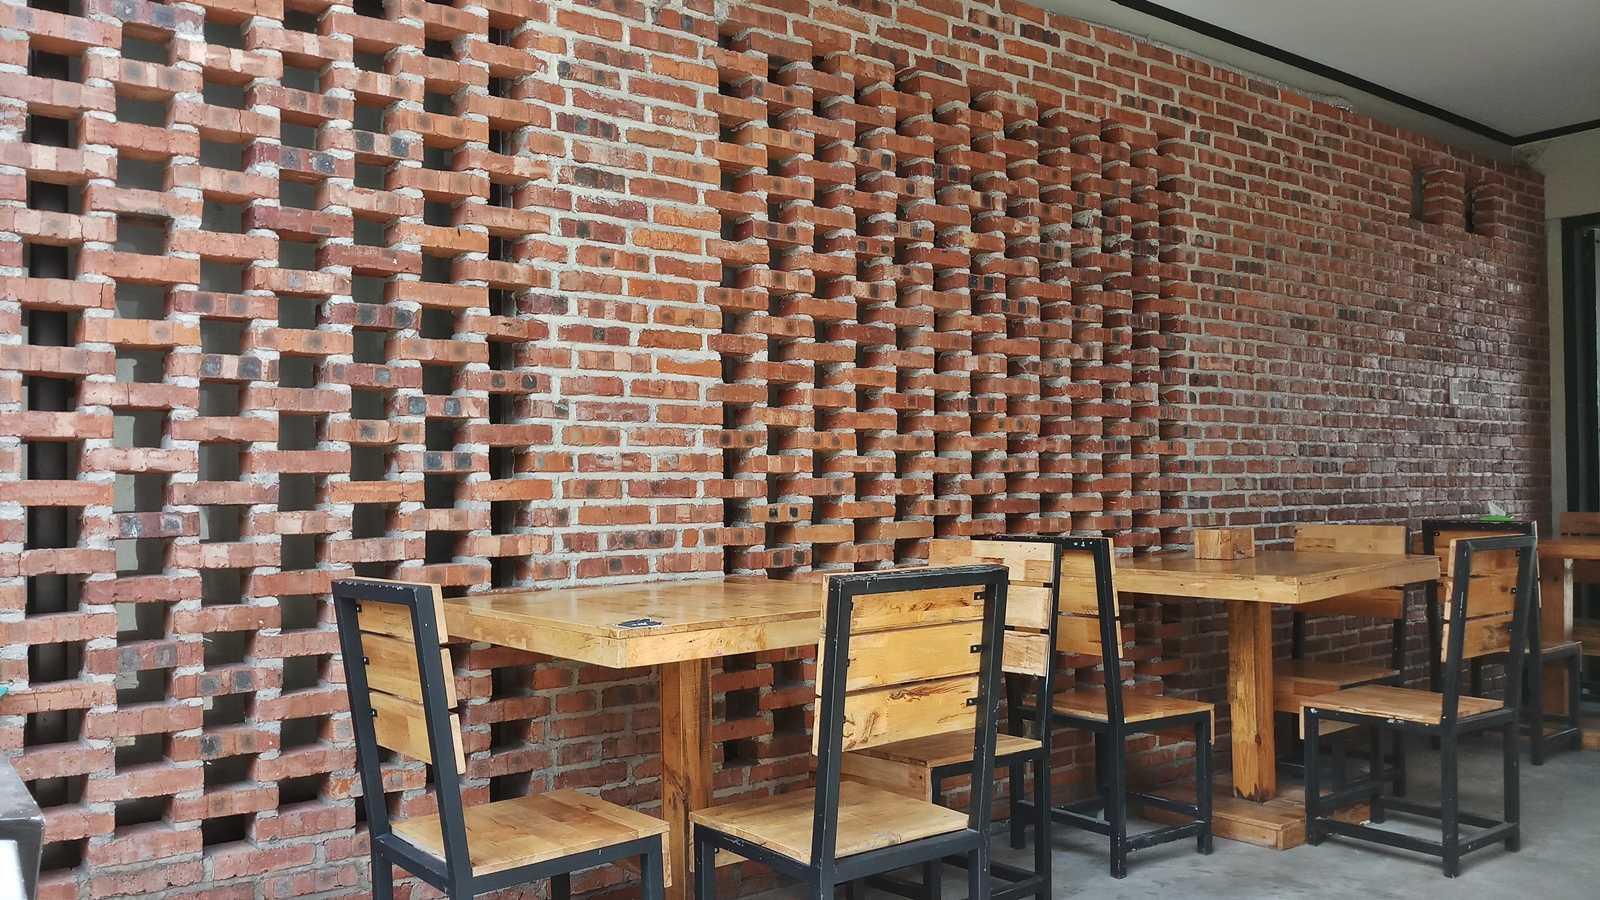 Bd Studio Coffee Lab By Kopitree Medan, Kota Medan, Sumatera Utara, Indonesia Medan, Kota Medan, Sumatera Utara, Indonesia Bd-Studio-Coffee-Lab-By-Kopitree  73800